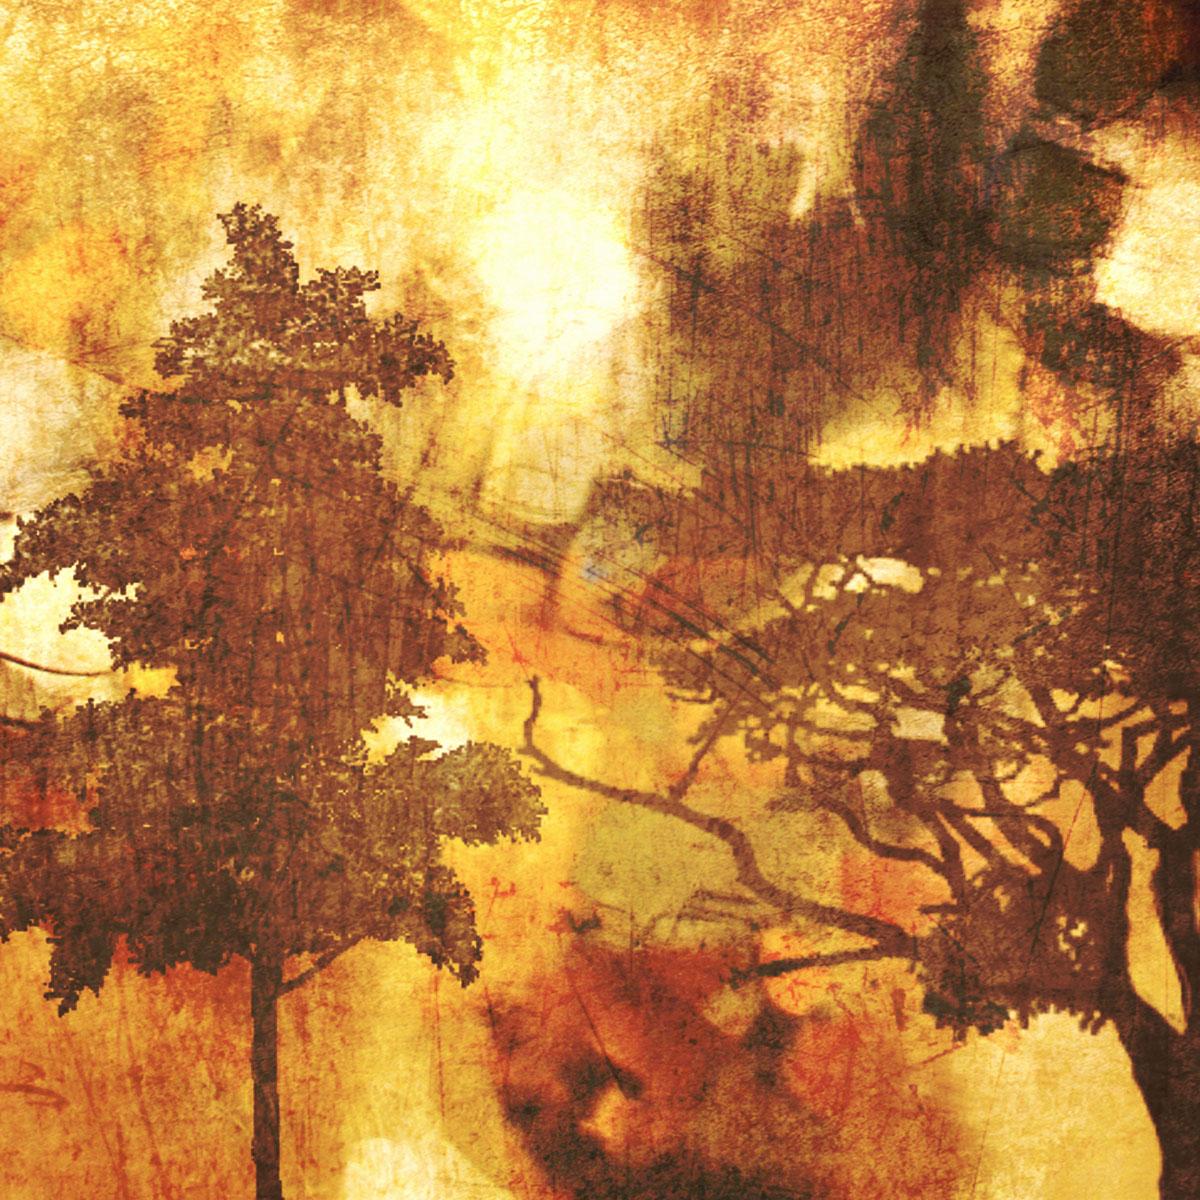 Autumn Mist II, Irena Orlov